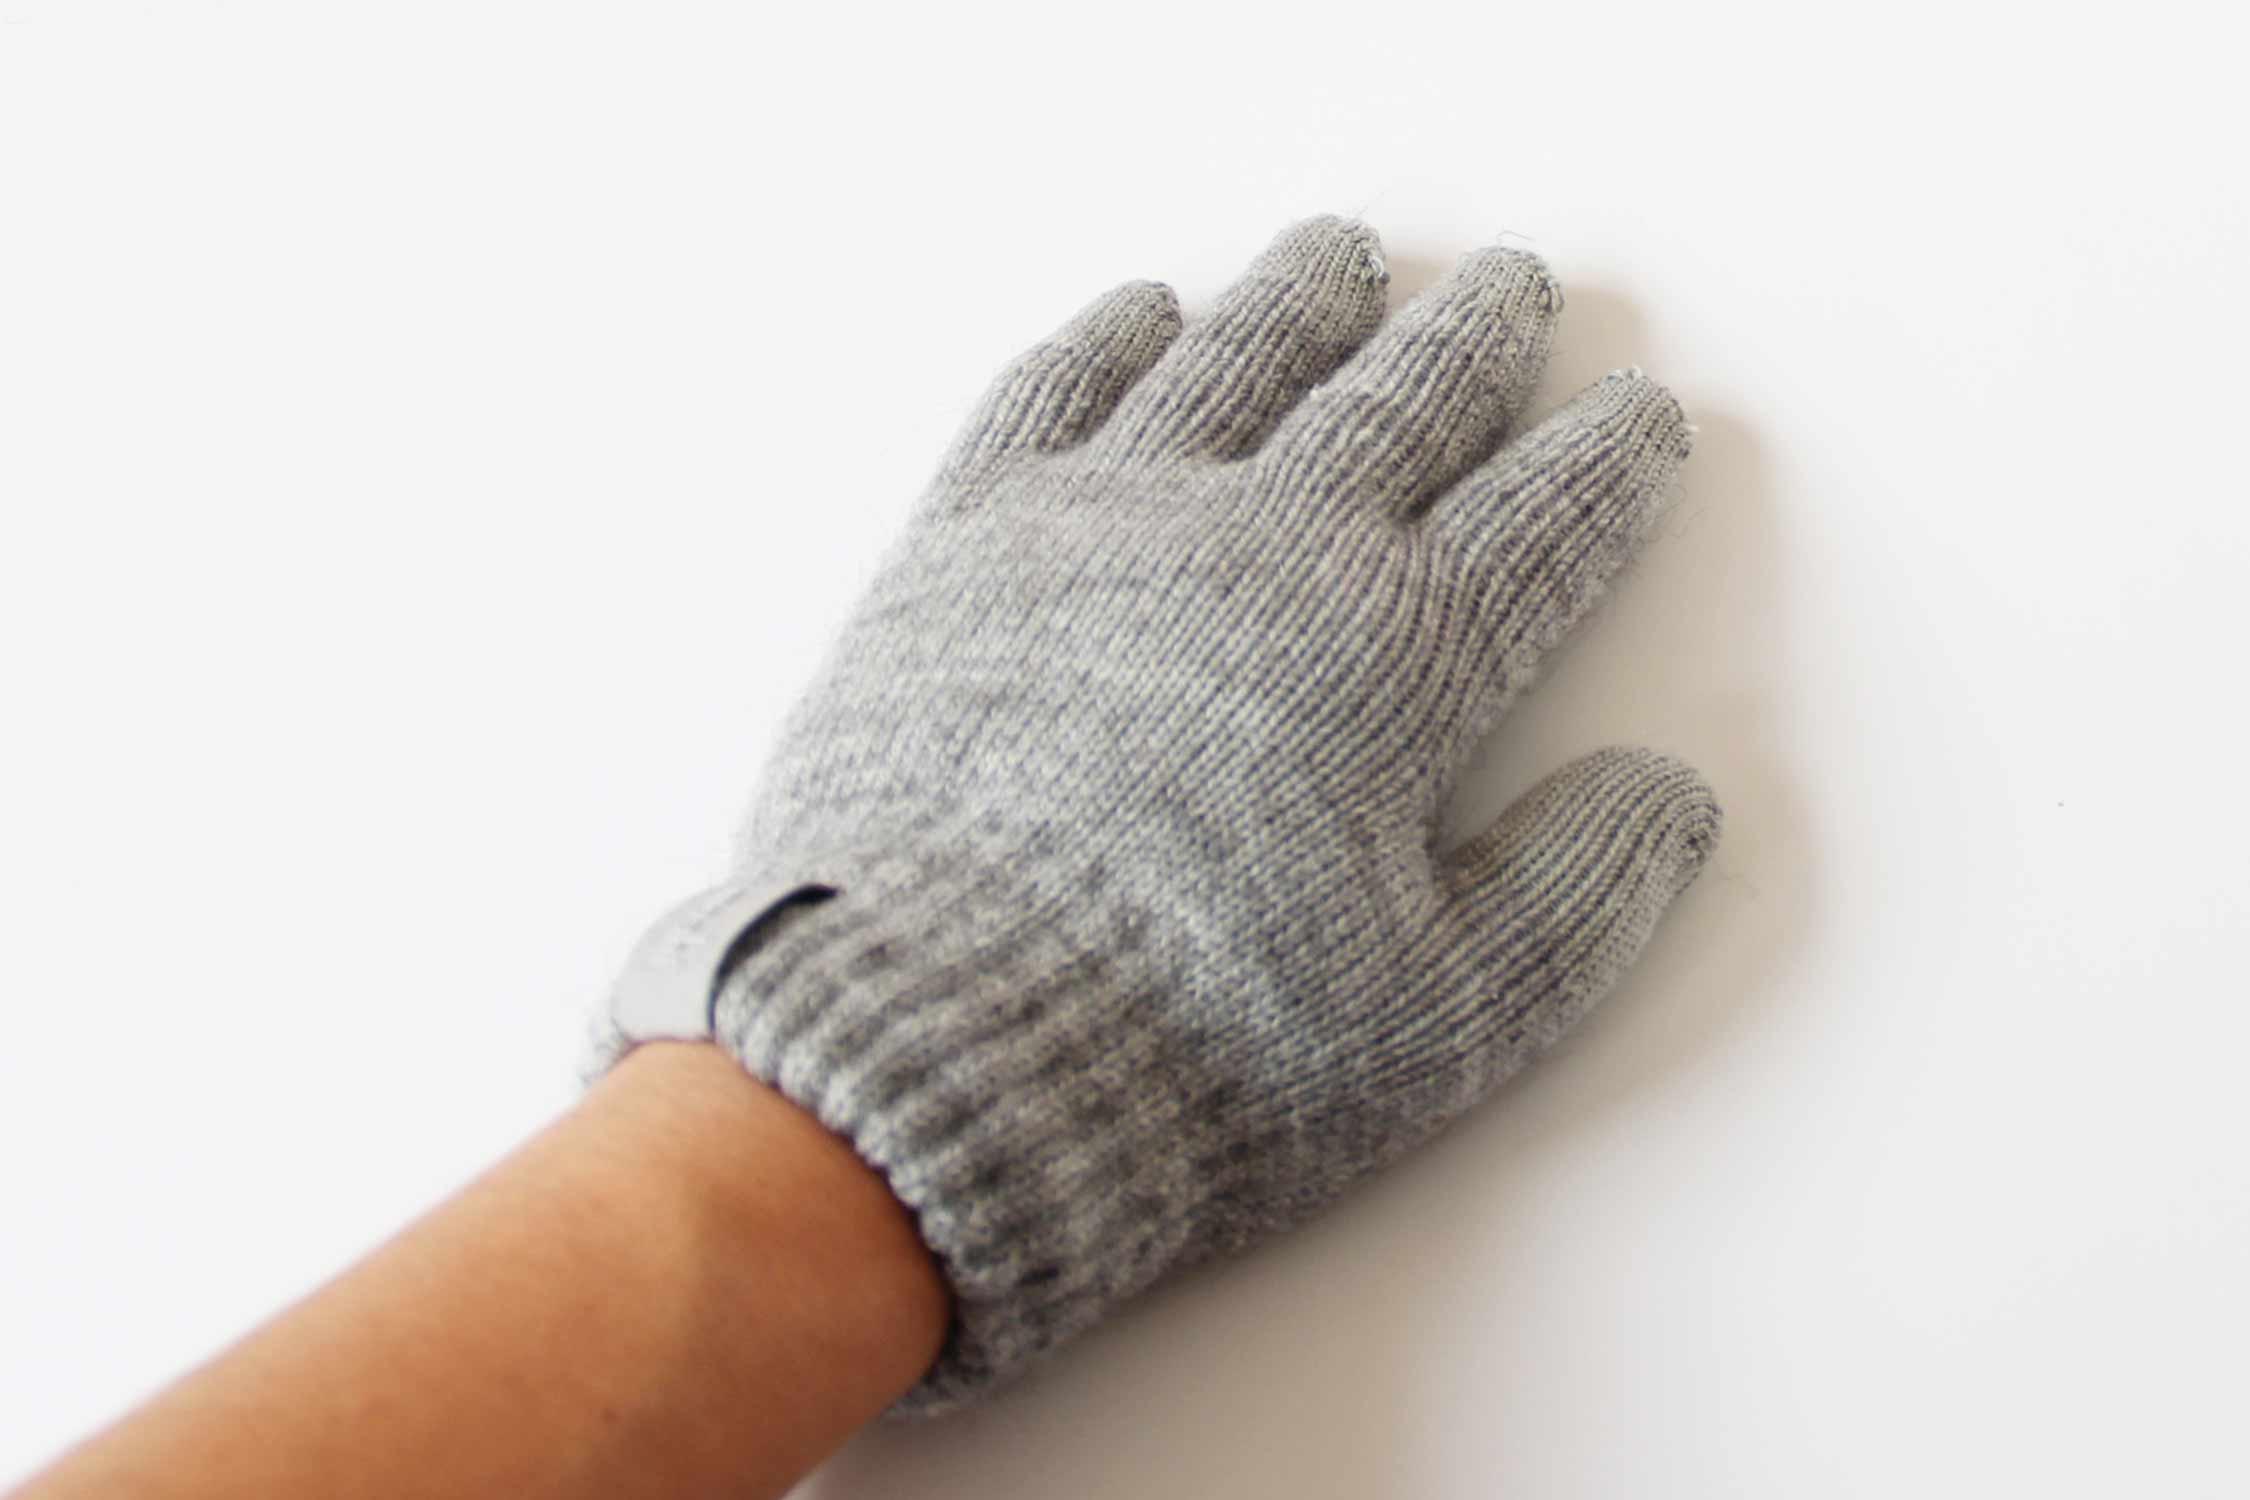 スマホ 手袋 装着 写真2